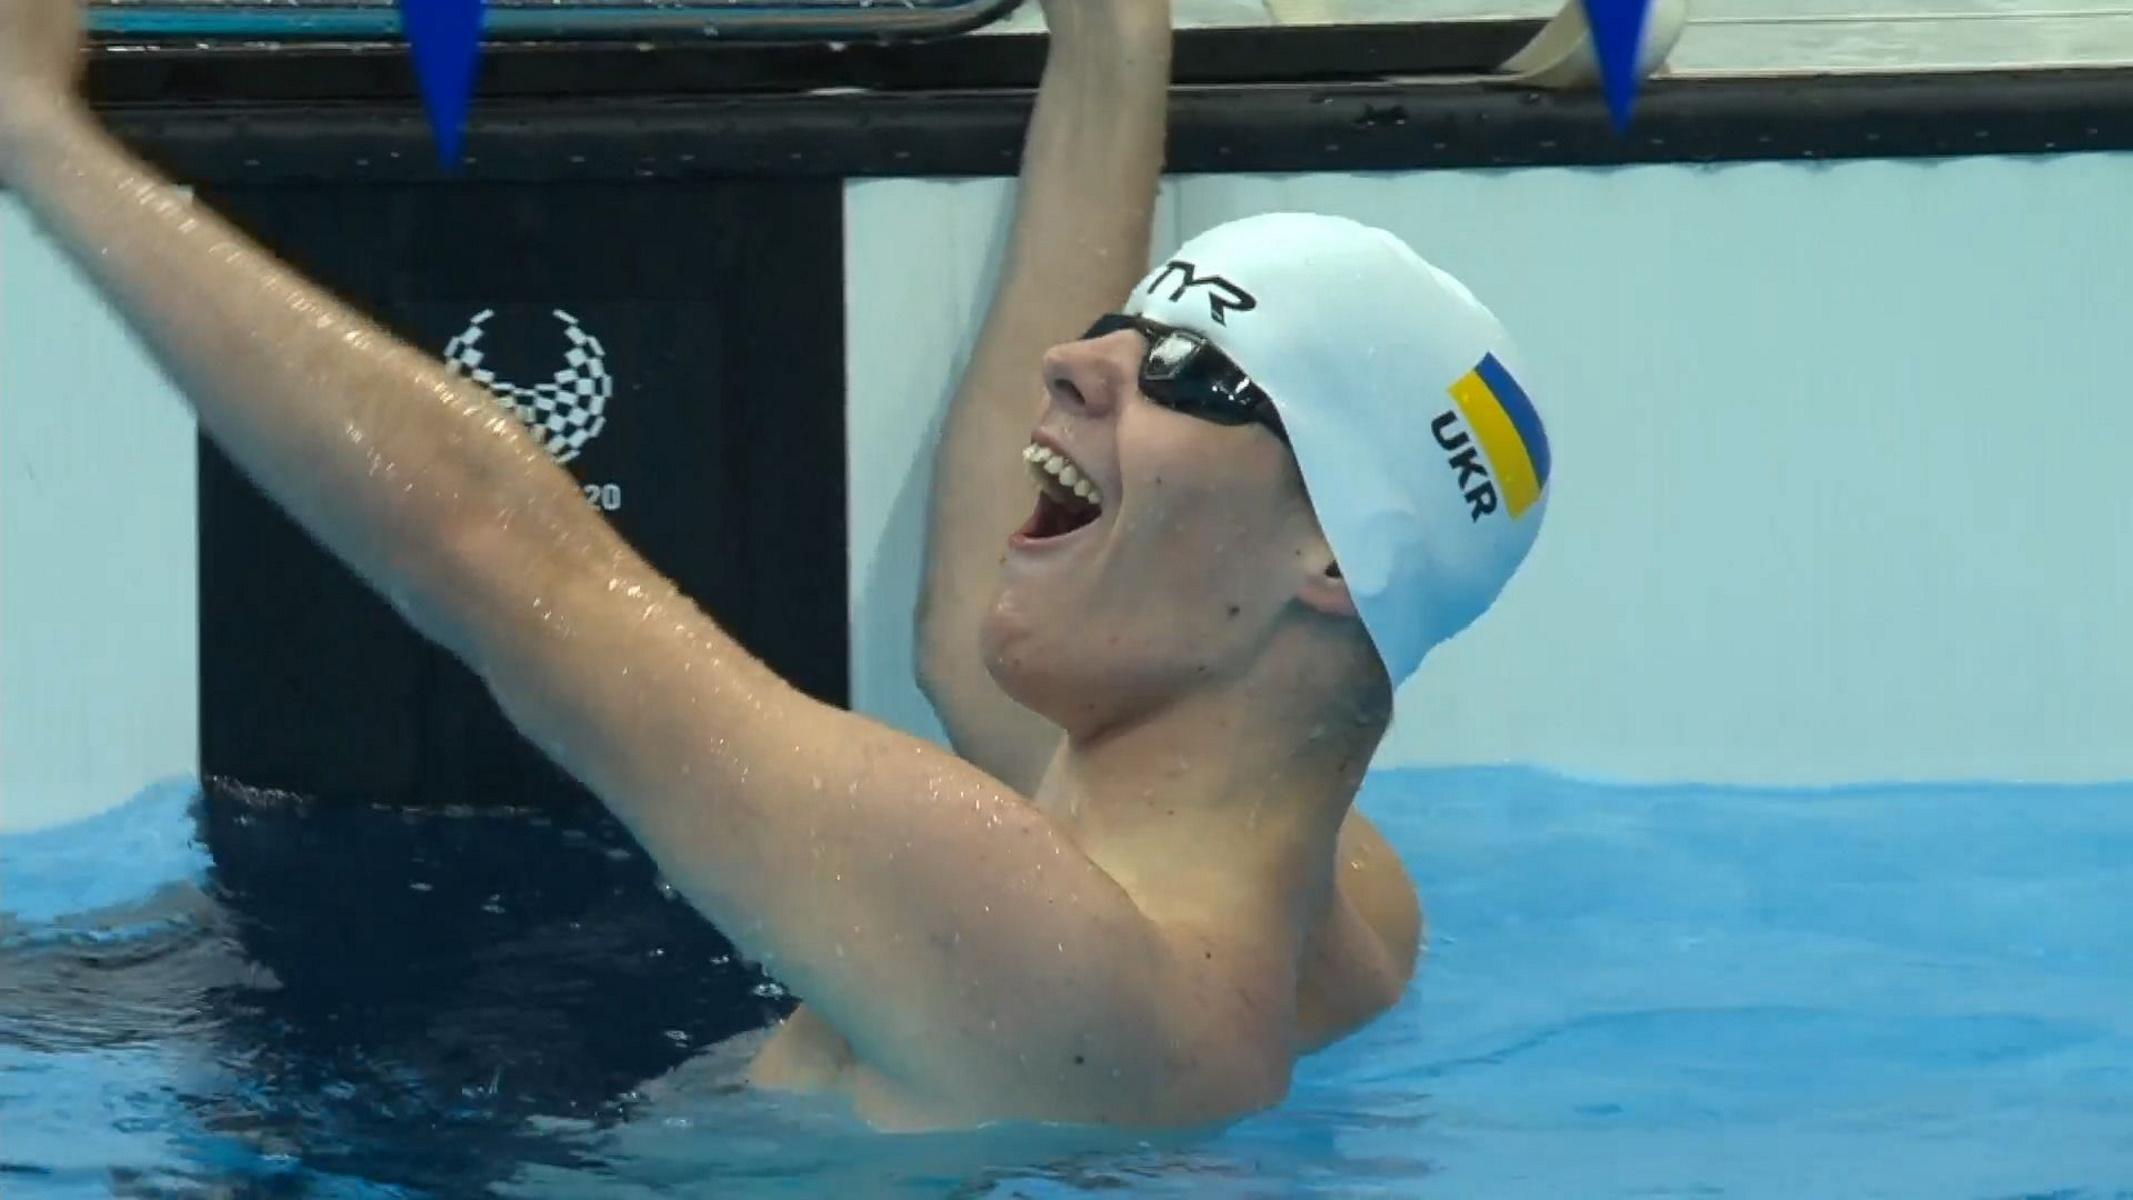 Παραολυμπιακοί Αγώνες: Συγκίνησε ο πανηγυρισμός του 17χρονου Σέρμπιν